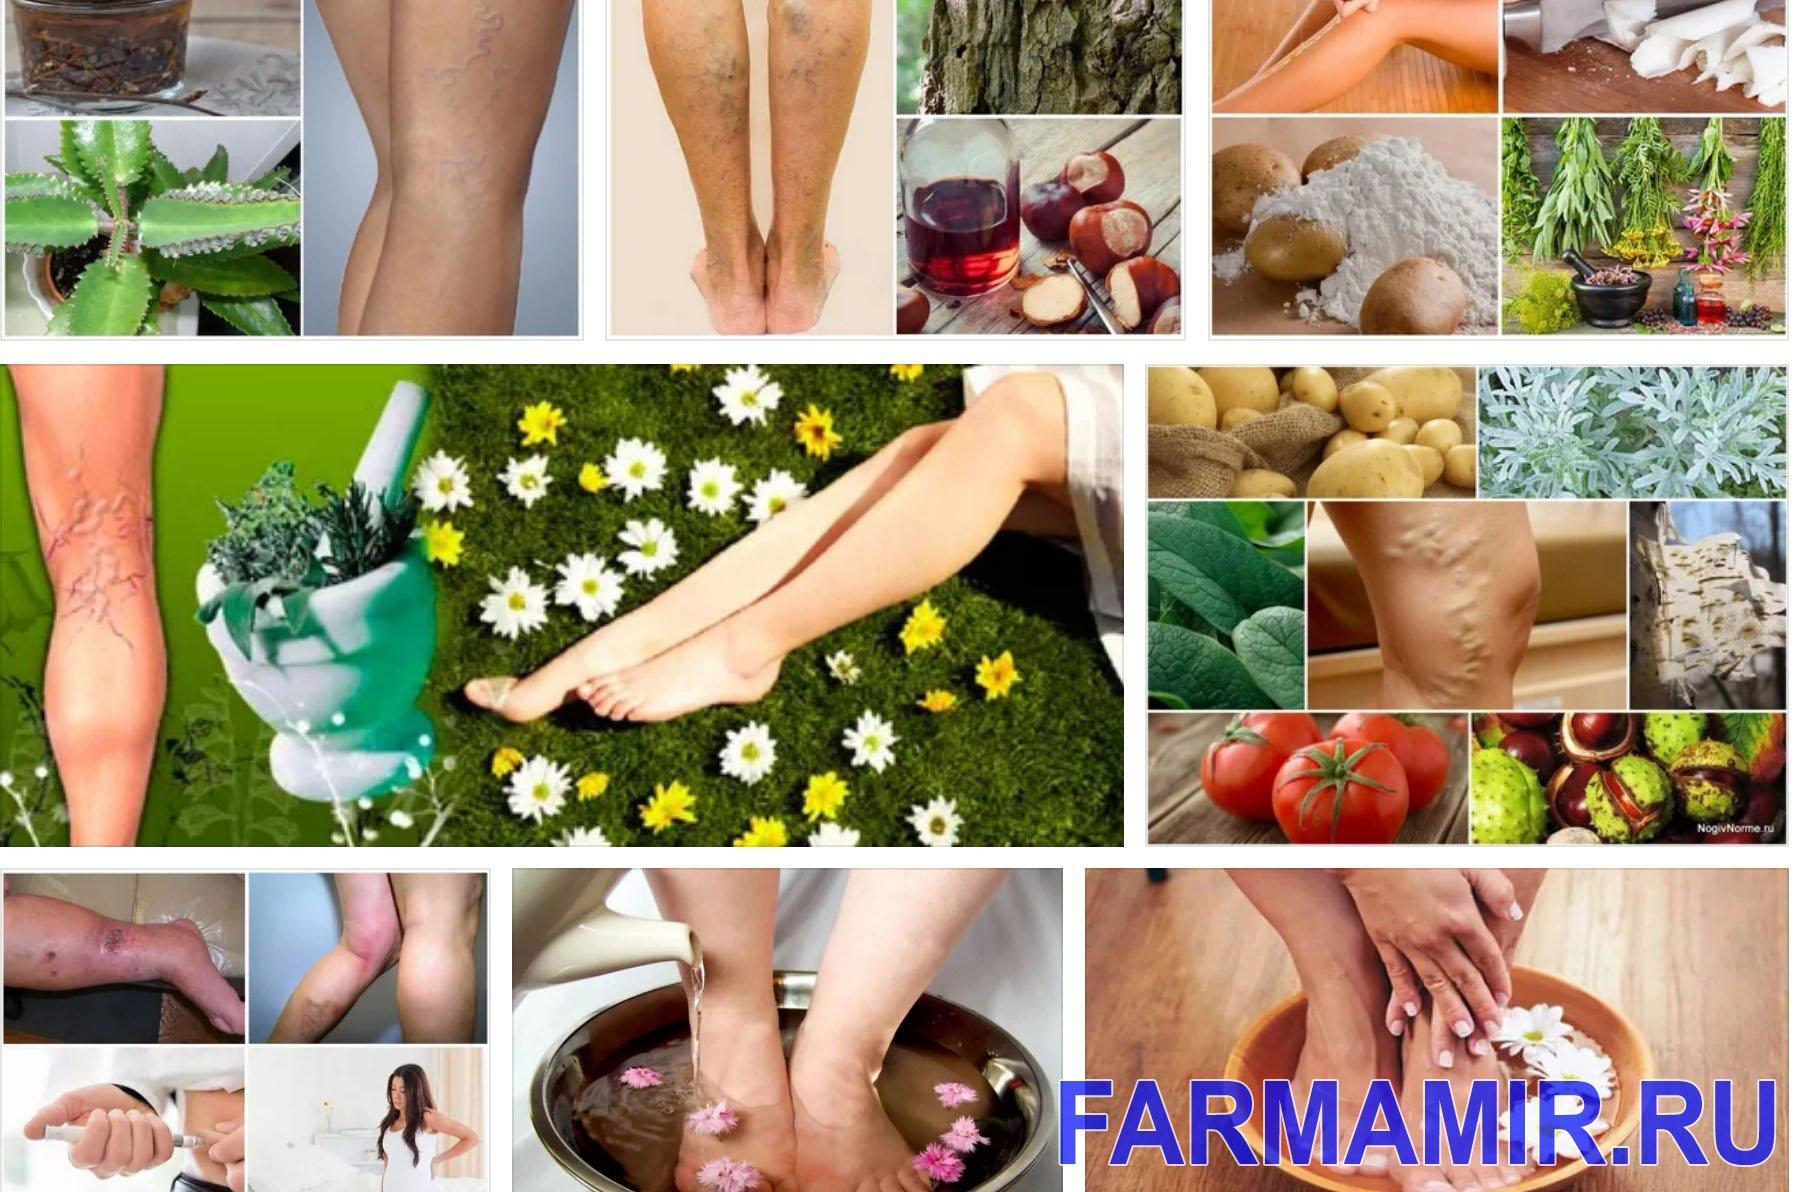 Эффективное лечение варикоза на ногах народными средствами в домашних условиях